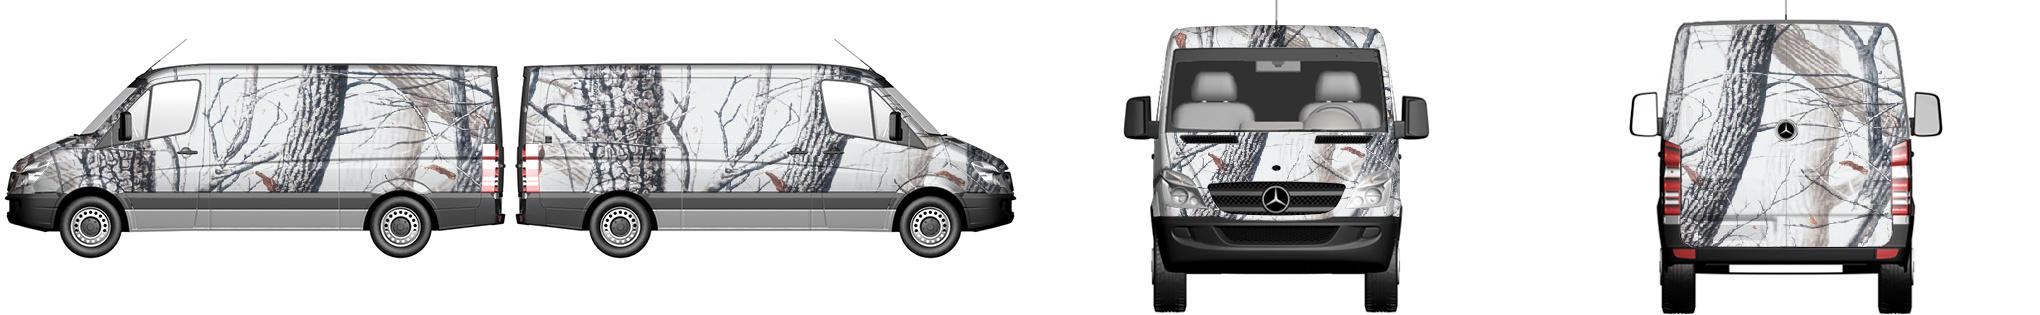 Van Wrap #640